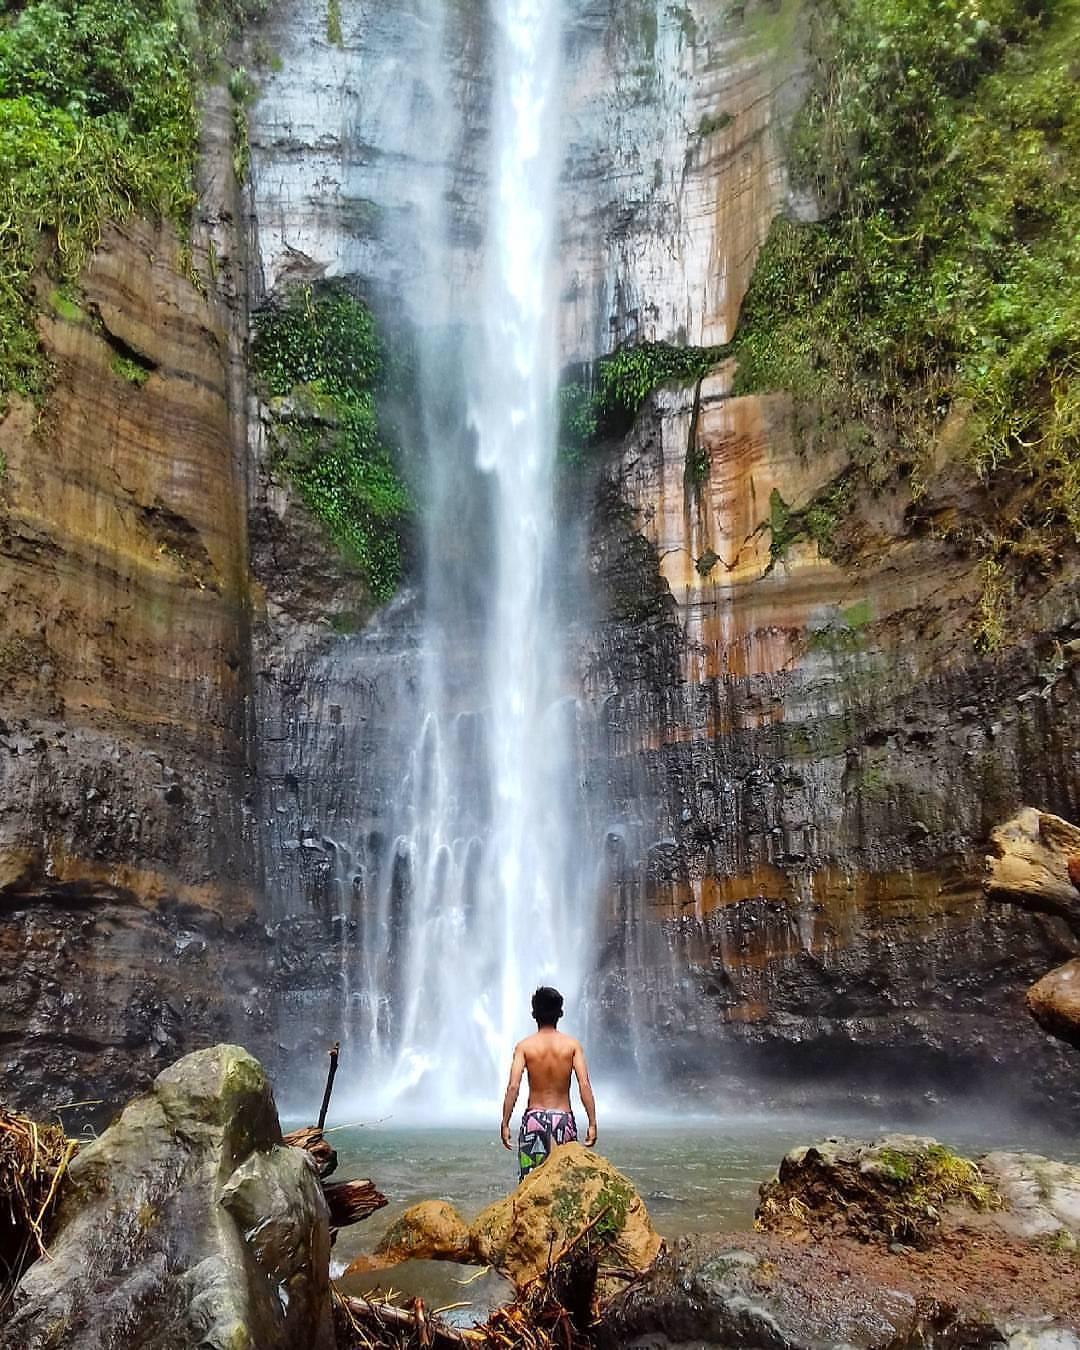 Tiu Tiding Waterfall